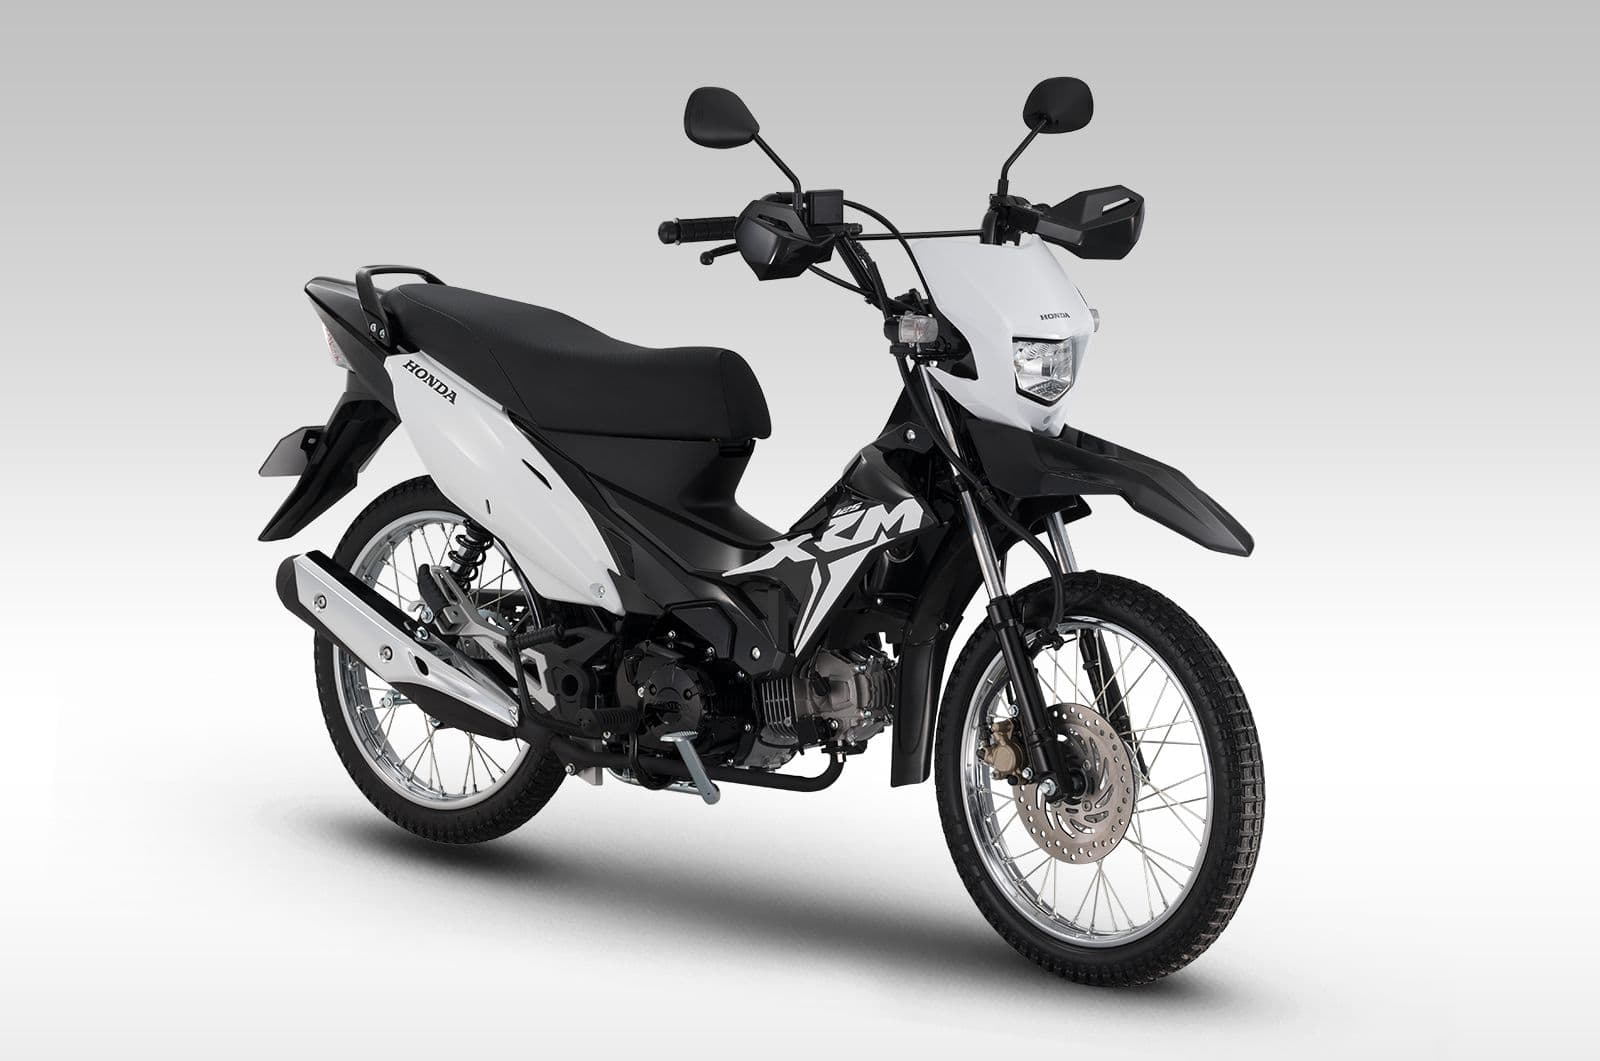 Honda Dual Sport >> Honda Xrm 125 Dual Sport Fi Motortrade